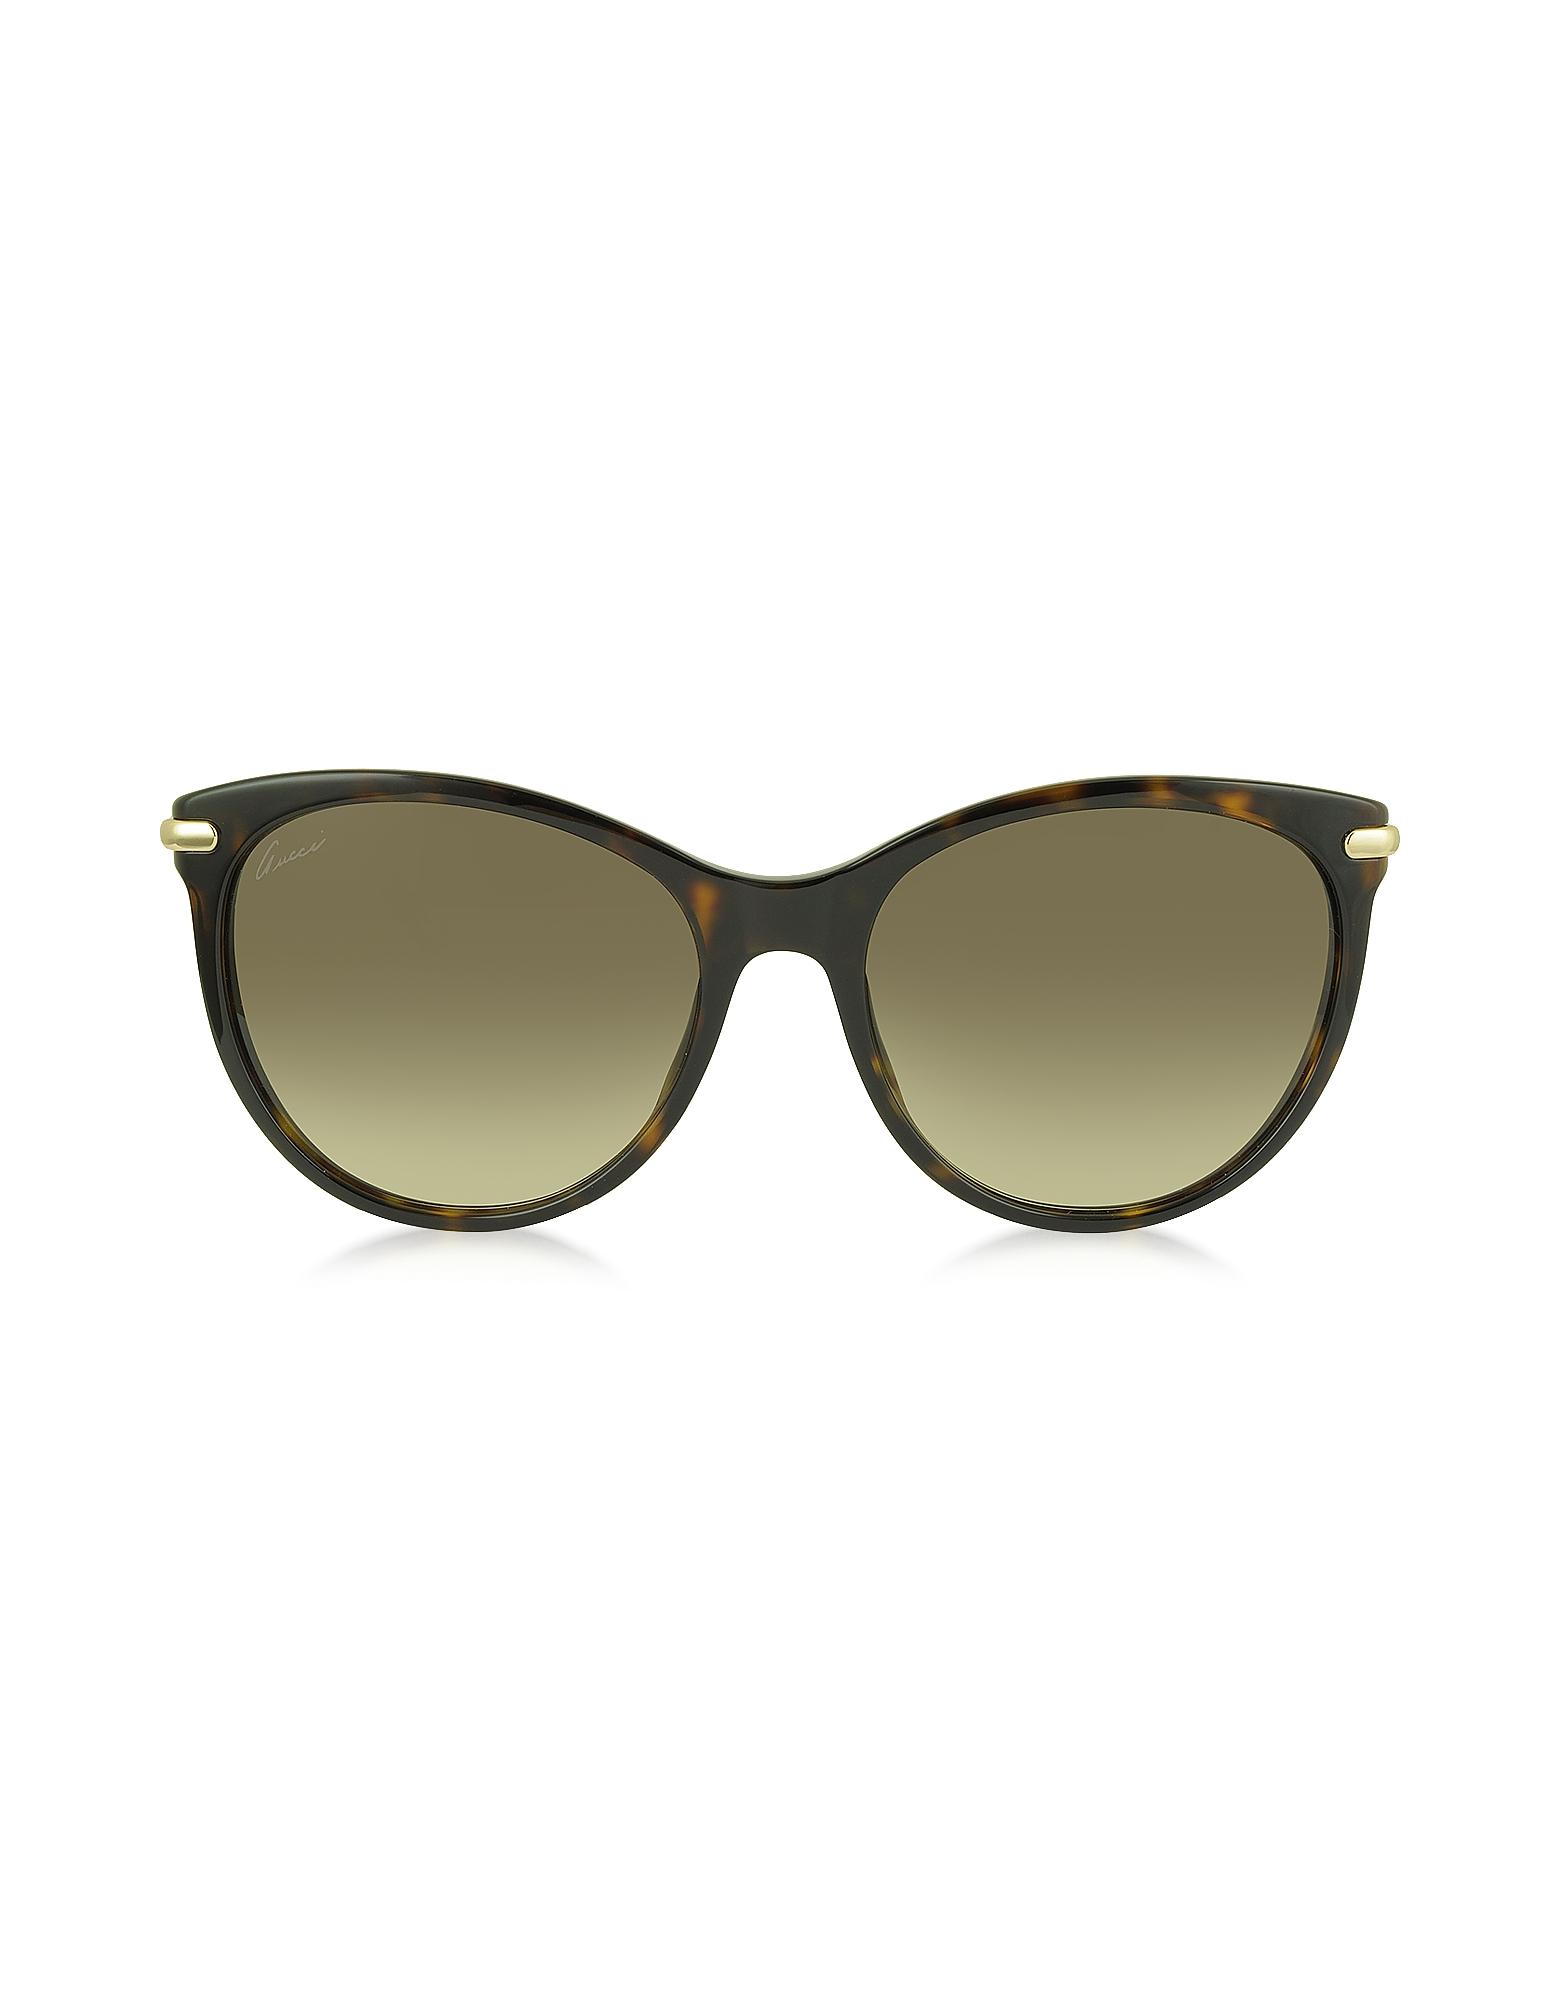 GG 3771/S LVLCC - Женские Солнечные Очки в Оправе Кошачий Глаз из Ацетата Гавана с Бамбуковыми Дужками